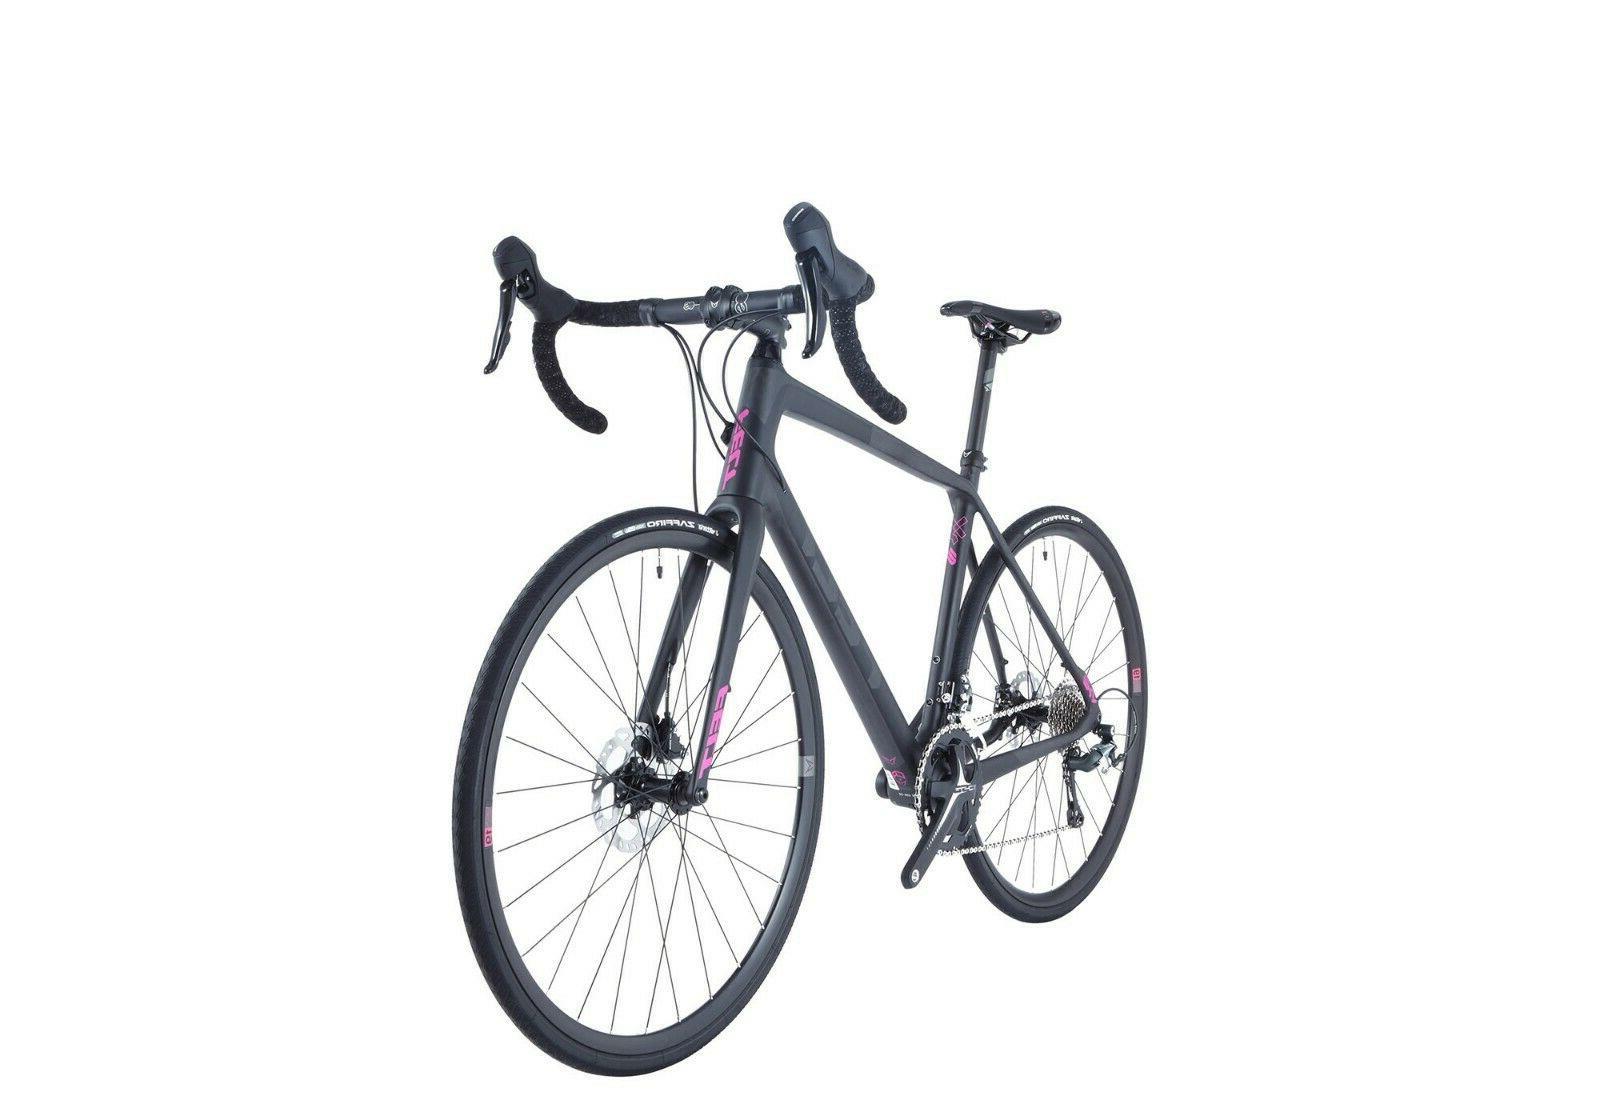 2018 VR6 Bike 51cm Retail $2200